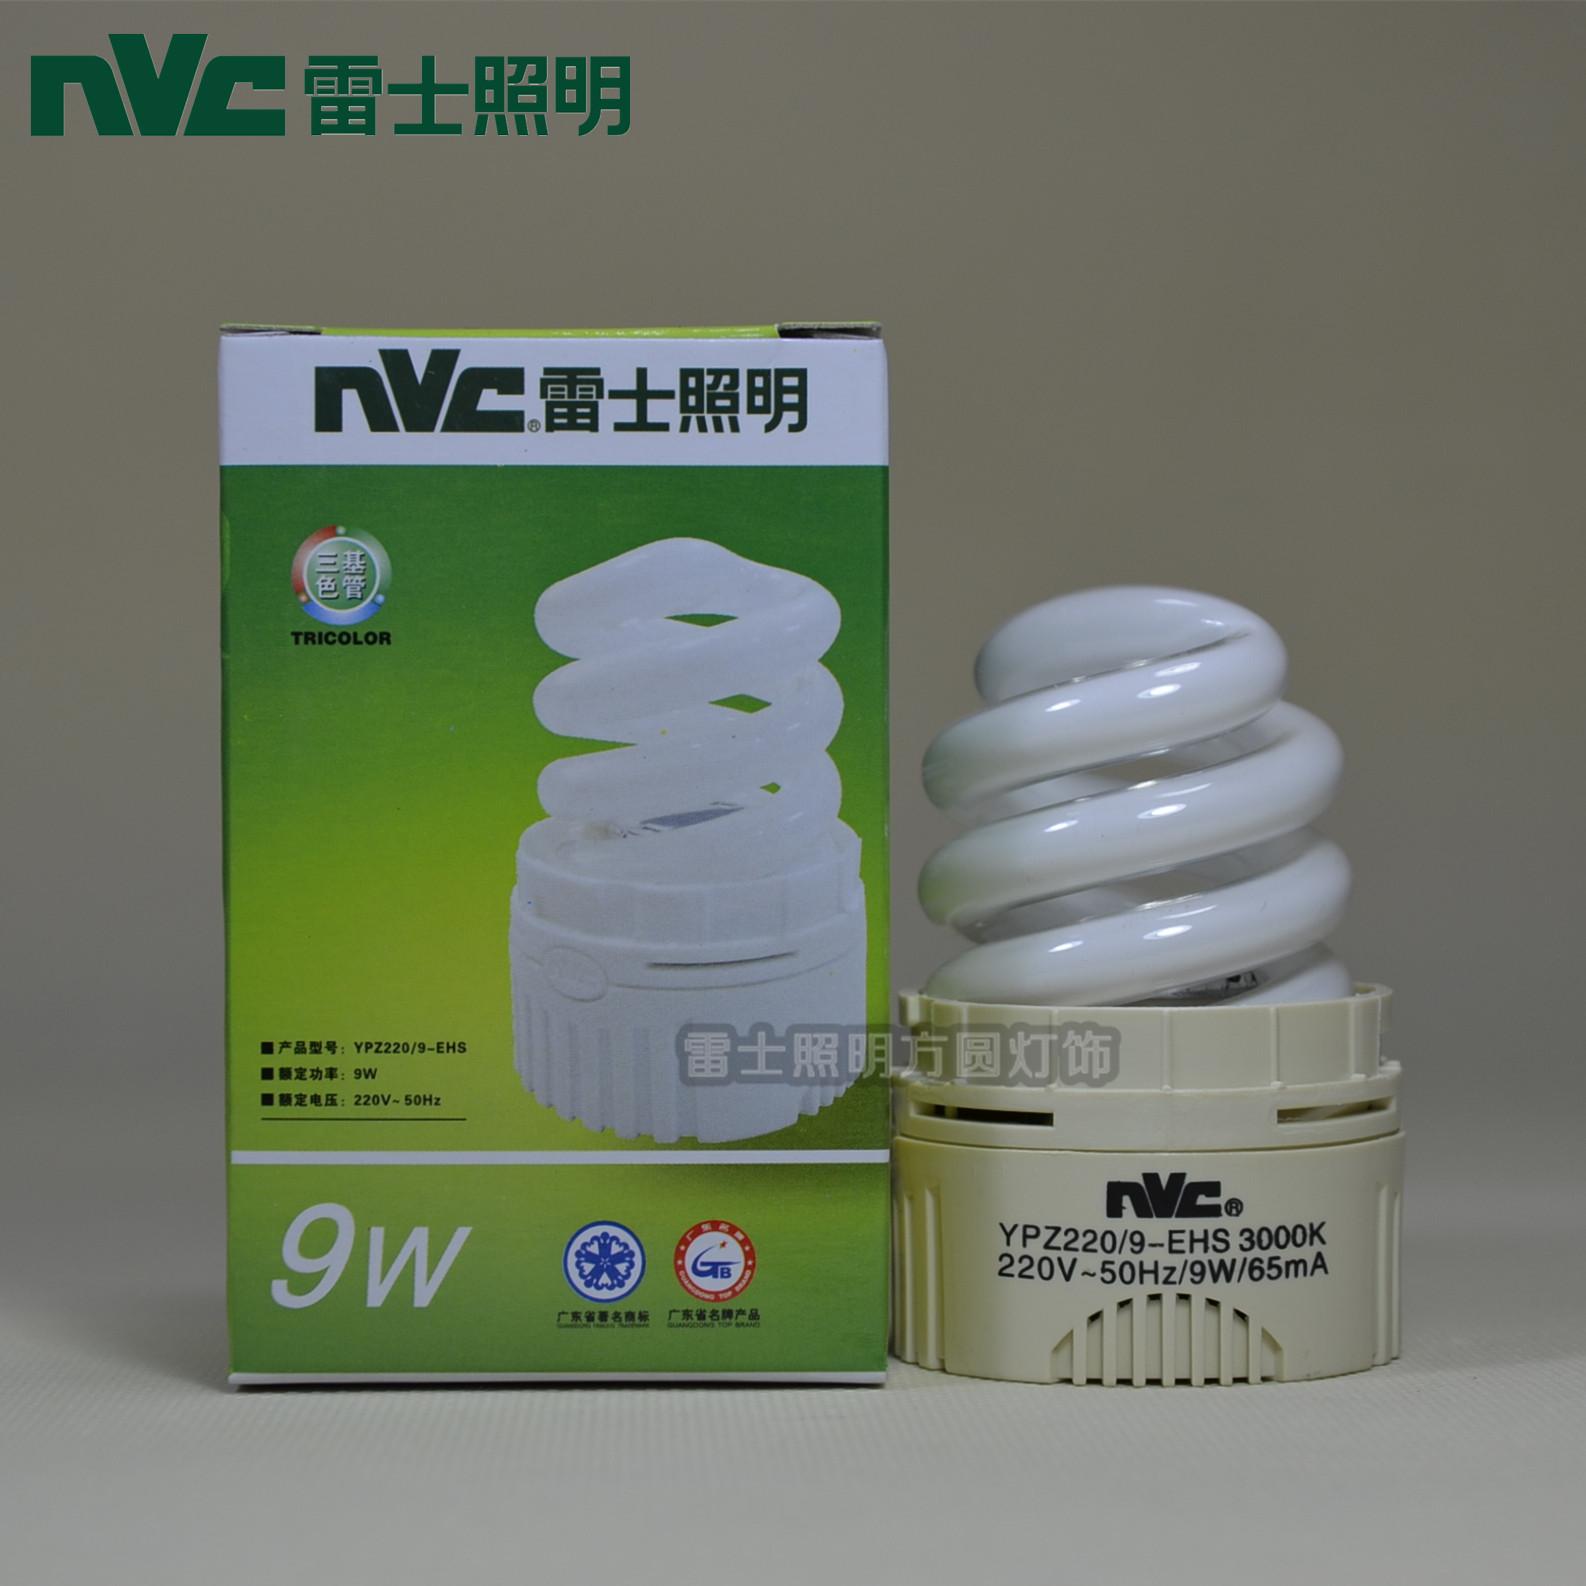 Компактная люминесцентная лампа NVC NVC lighting  9W YPZ220/9